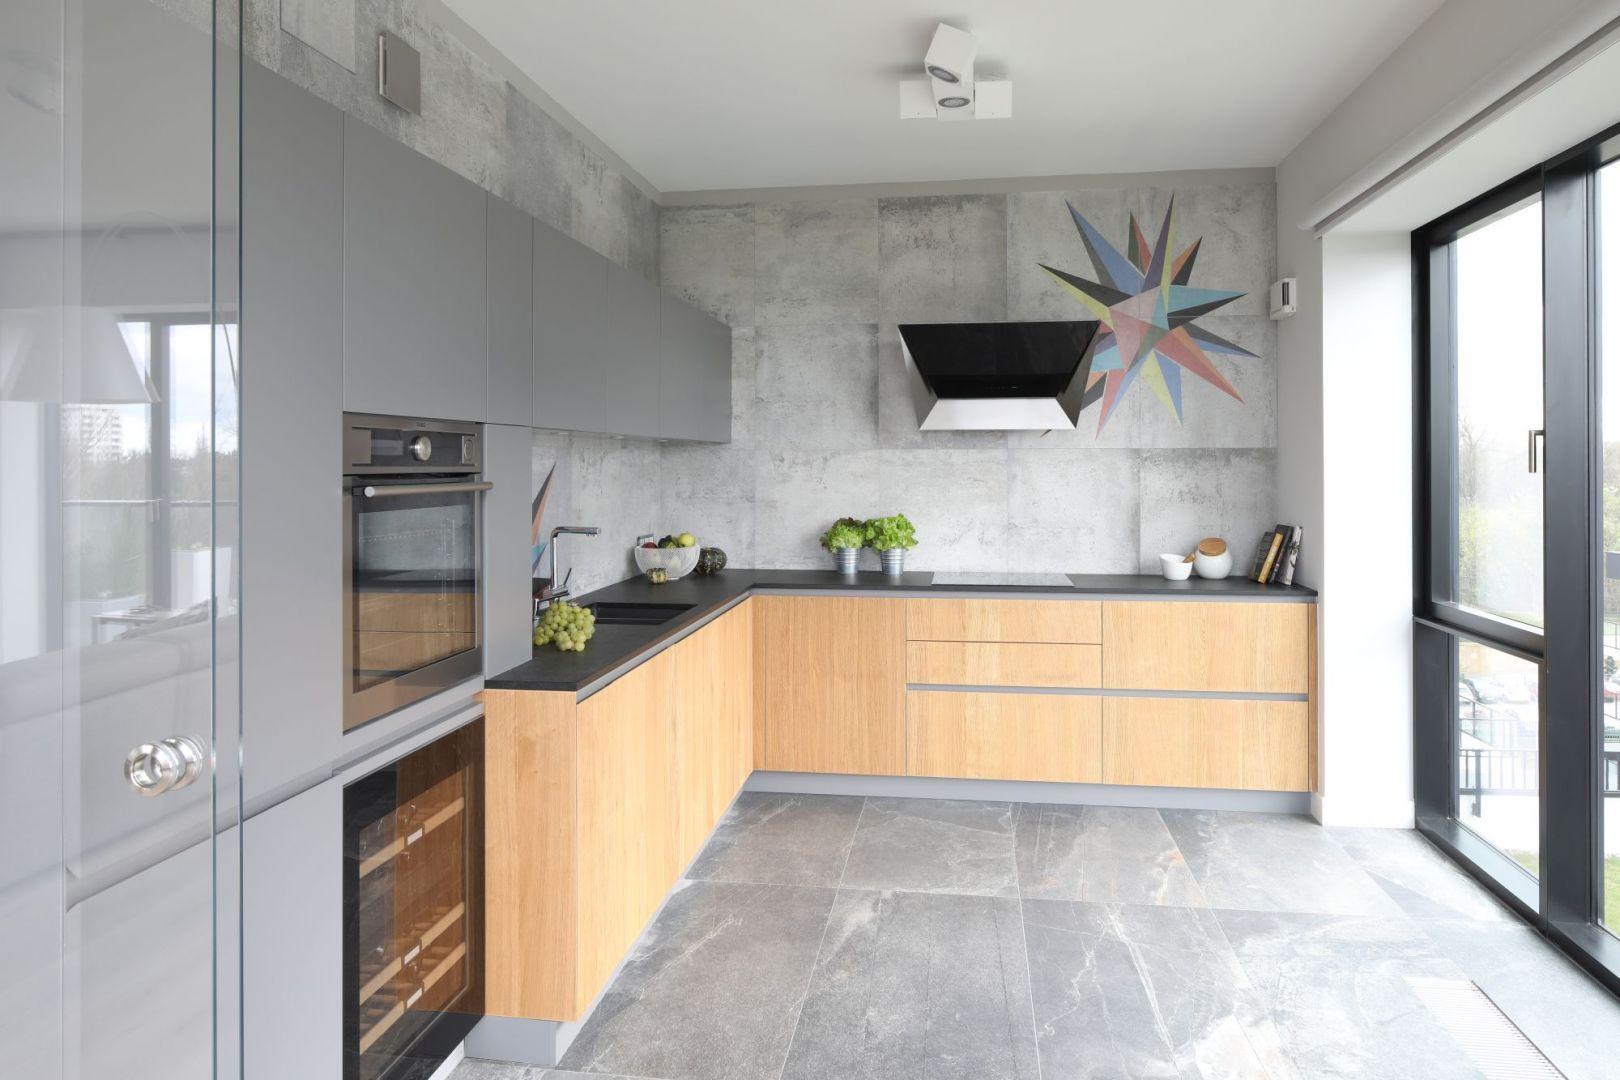 Najpiekniejsze Kuchnie 2018 Roku Projekt Magdalena Lehmann Fot Bartosz Jarosz Contemporary Kitchen Design Kitchen Design Contemporary Kitchen